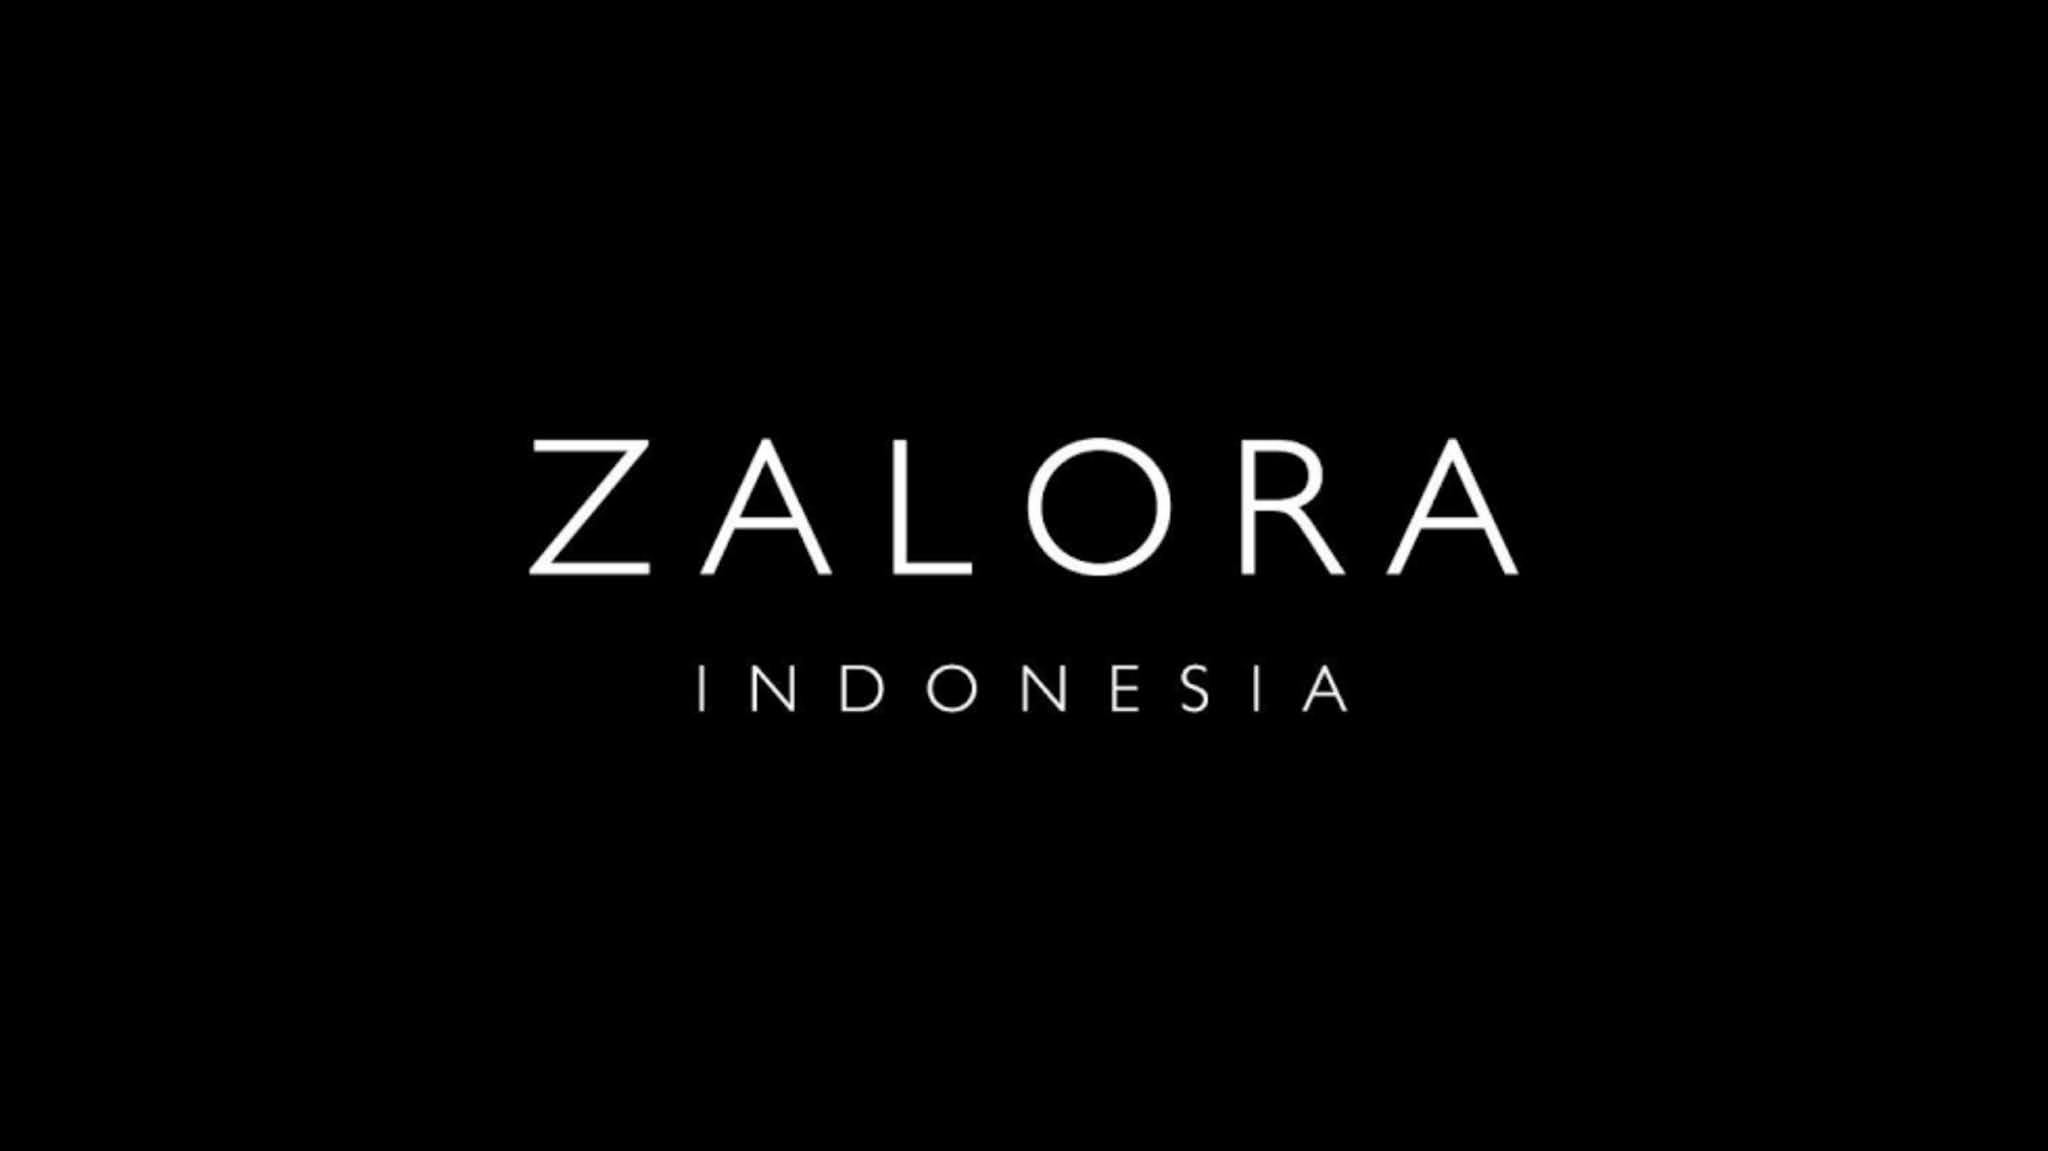 Review Zalora Indonesia 2021: Kelebihan dan Kekurangan